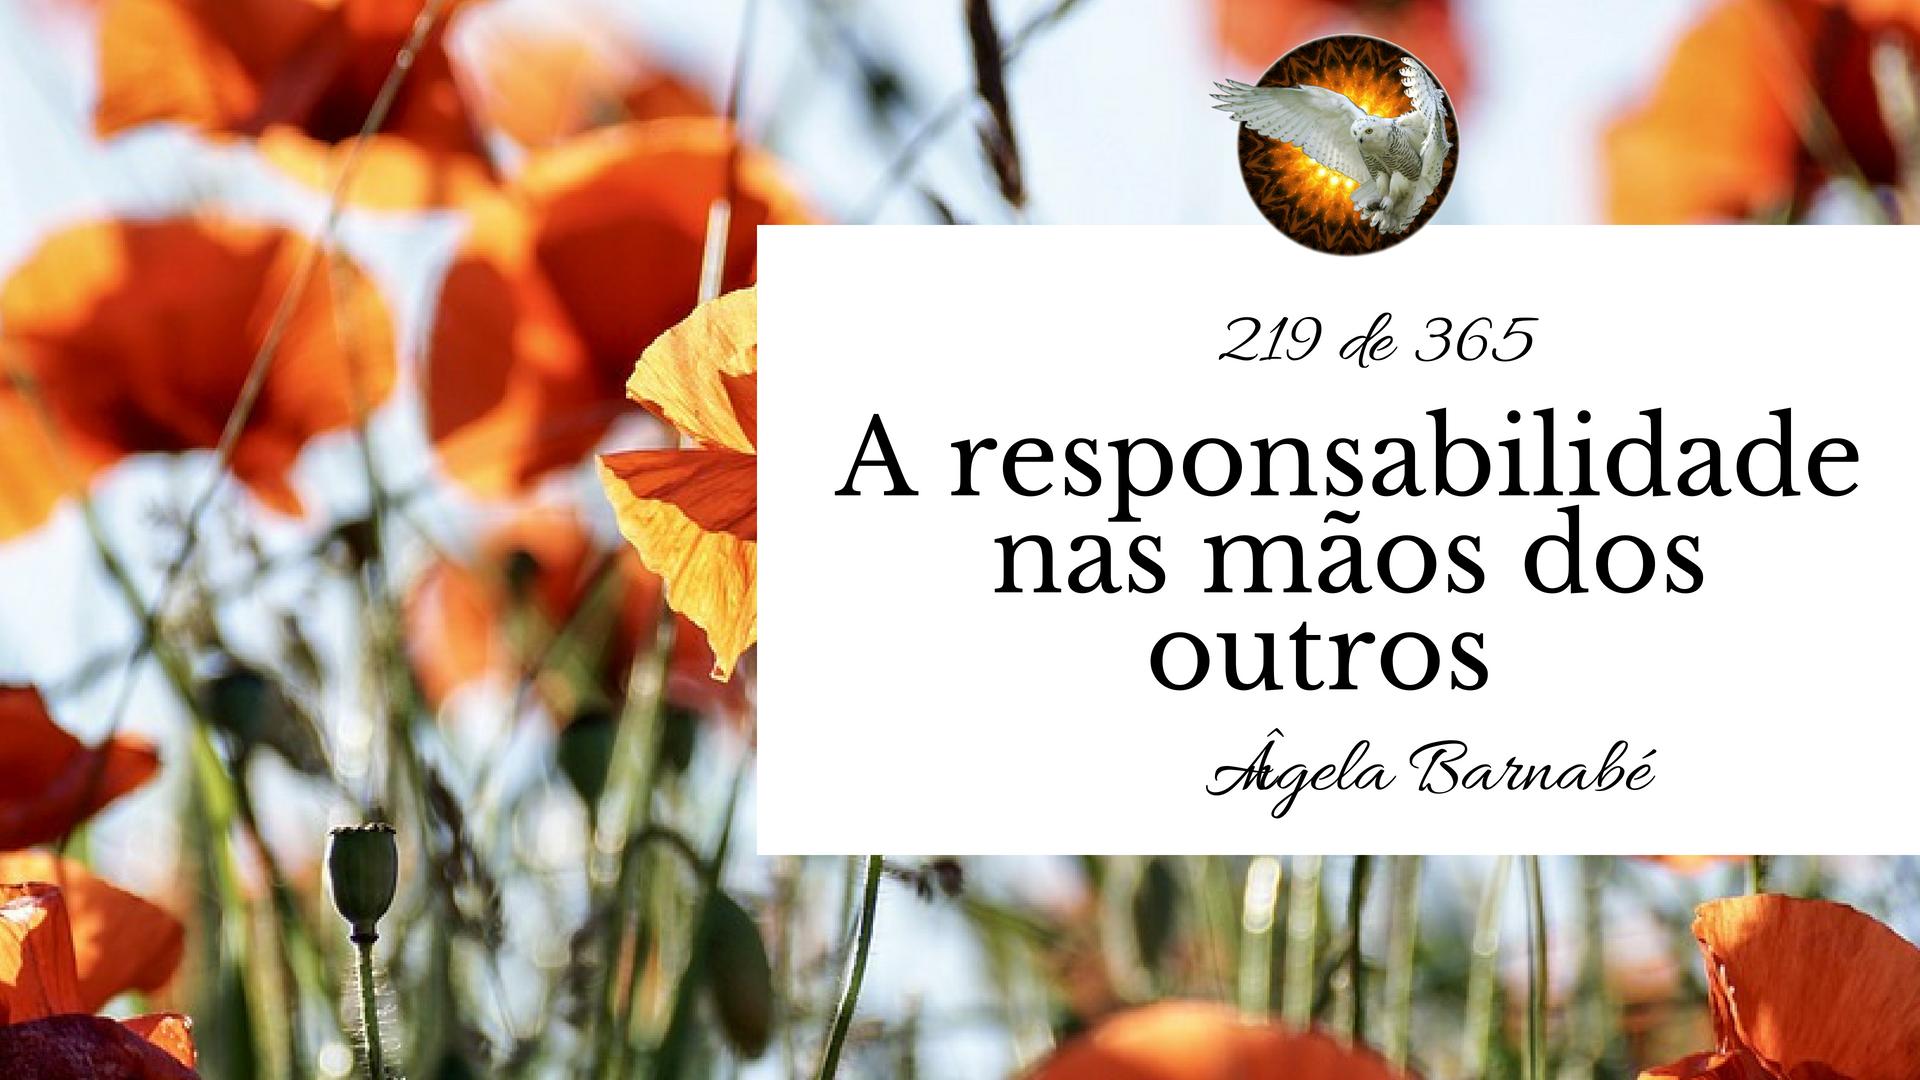 responsabilidade nas mãos dos outros